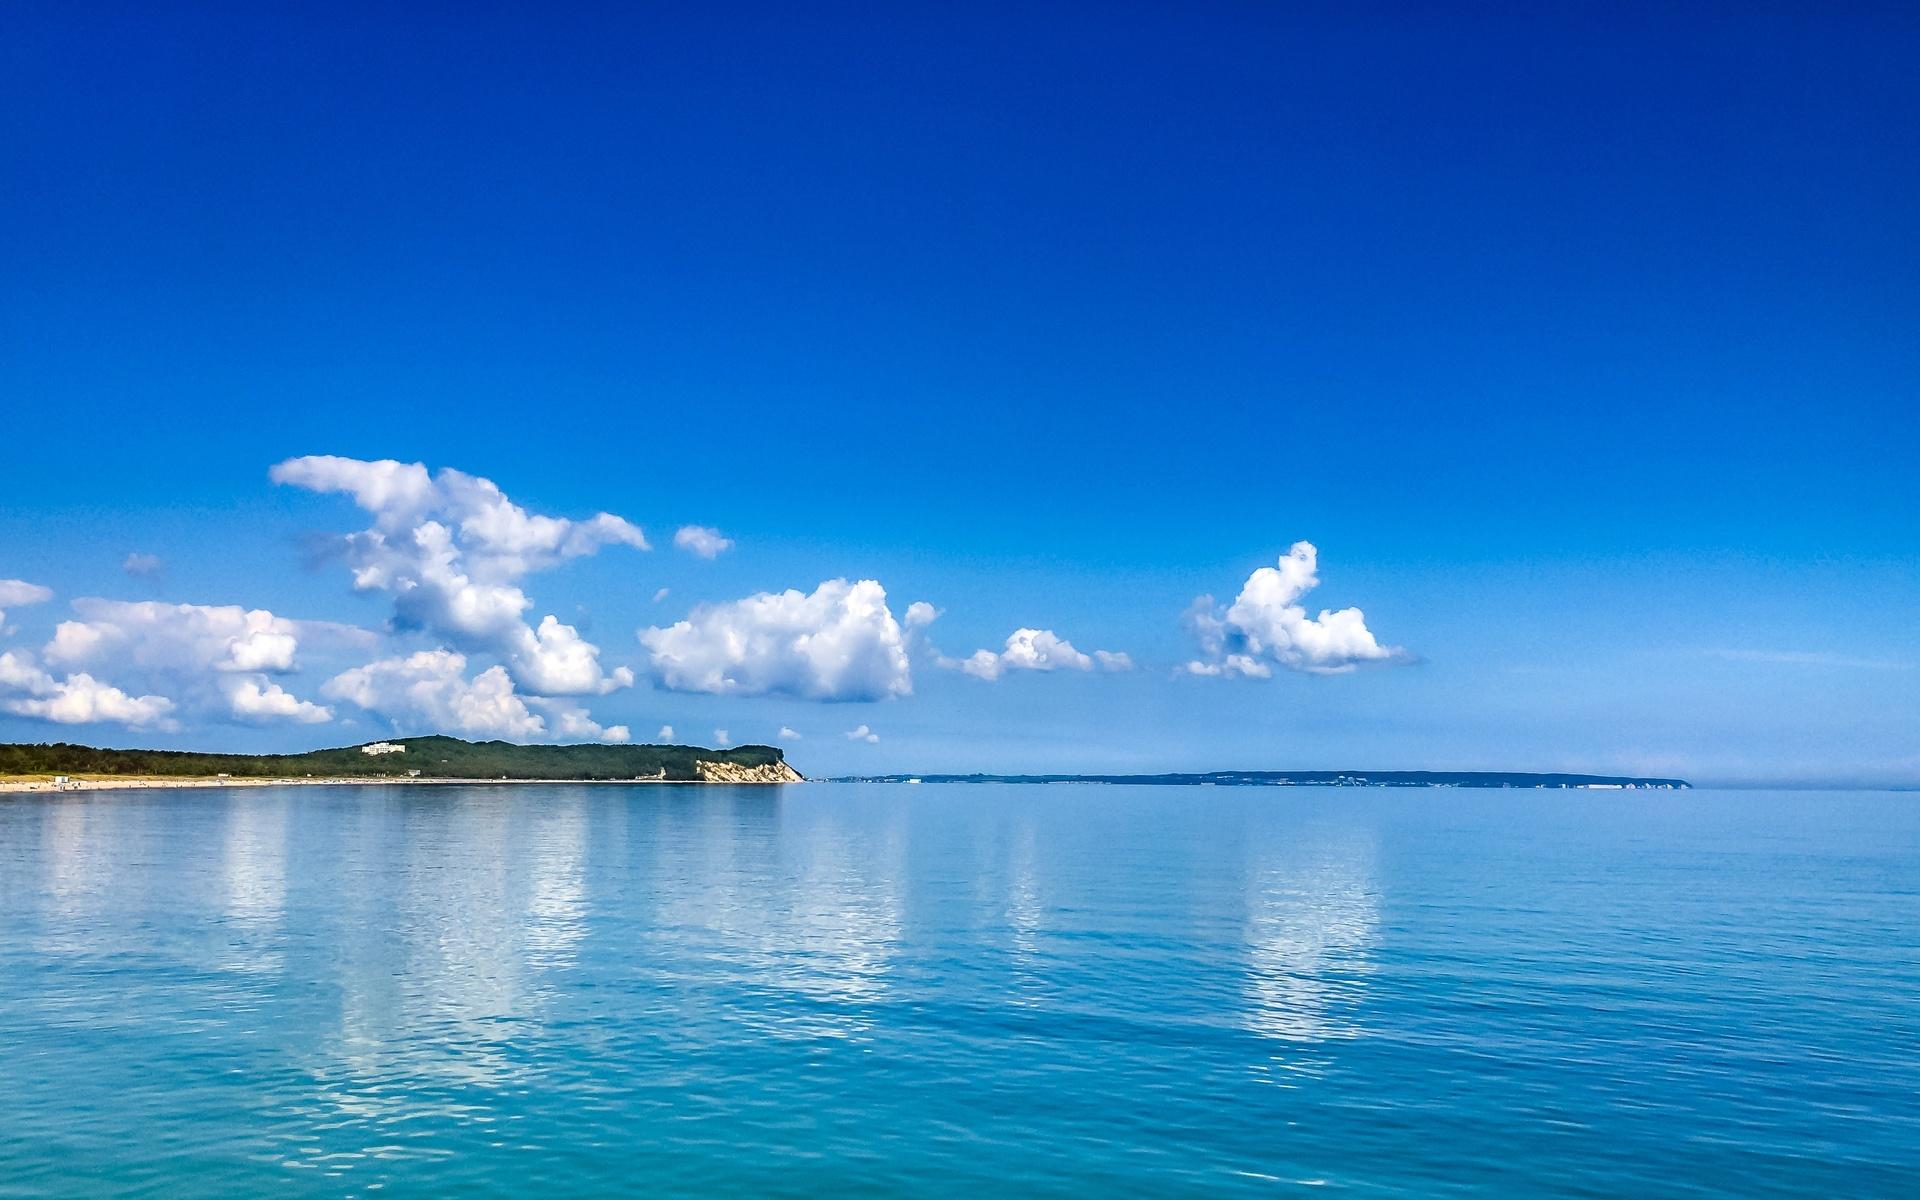 небо, побережье, балтика